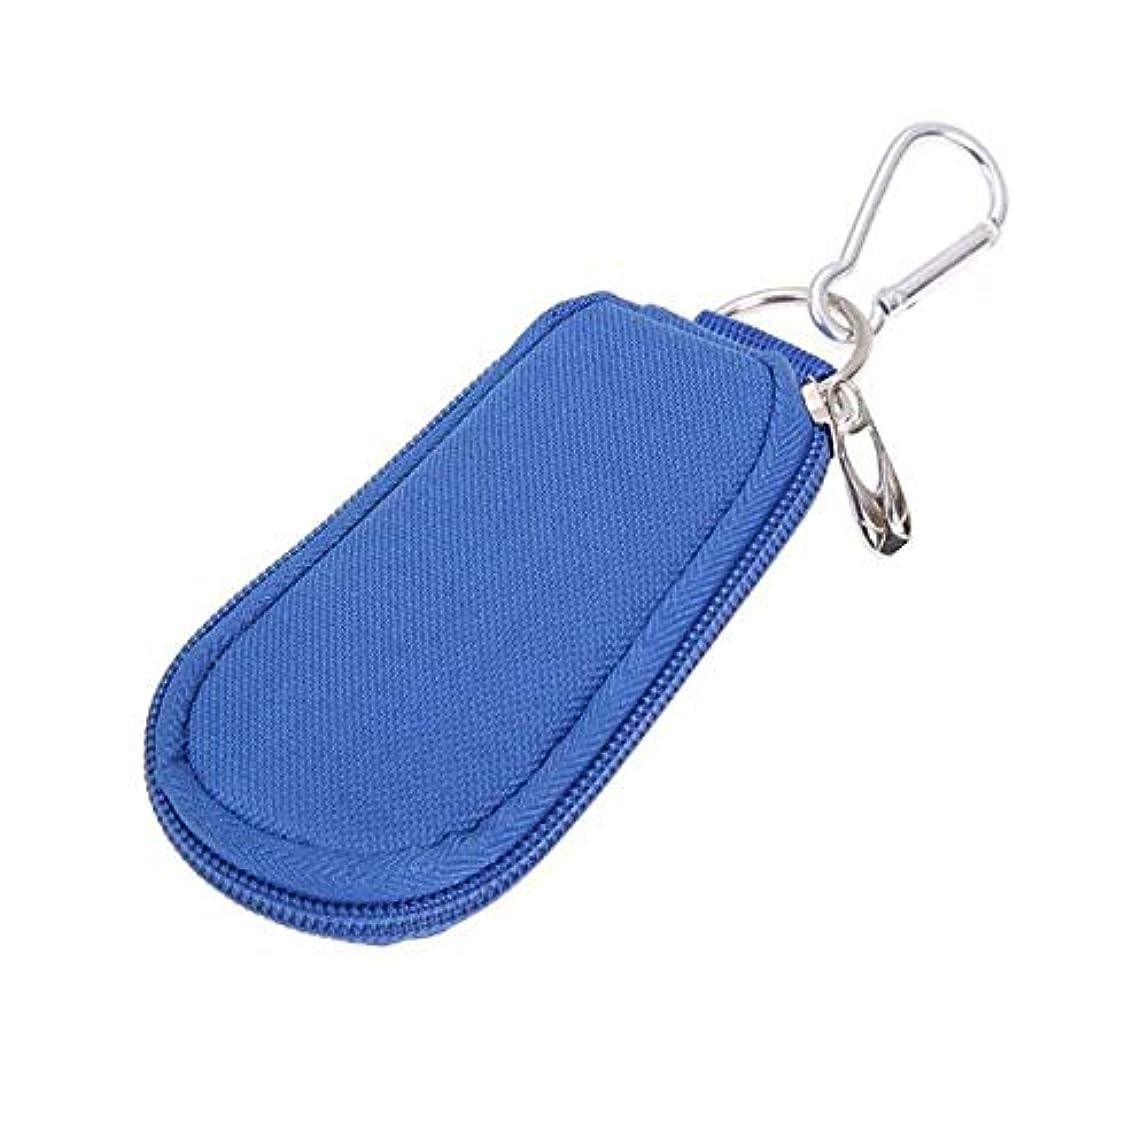 二過半数シャンパン精油ケース エッセンシャルオイルストレージオーガナイザーブルー走行用1-3MLエッセンシャルオイルバッグパーフェクトを開催します 携帯便利 (色 : 青, サイズ : 11.5X6.5X1.5CM)